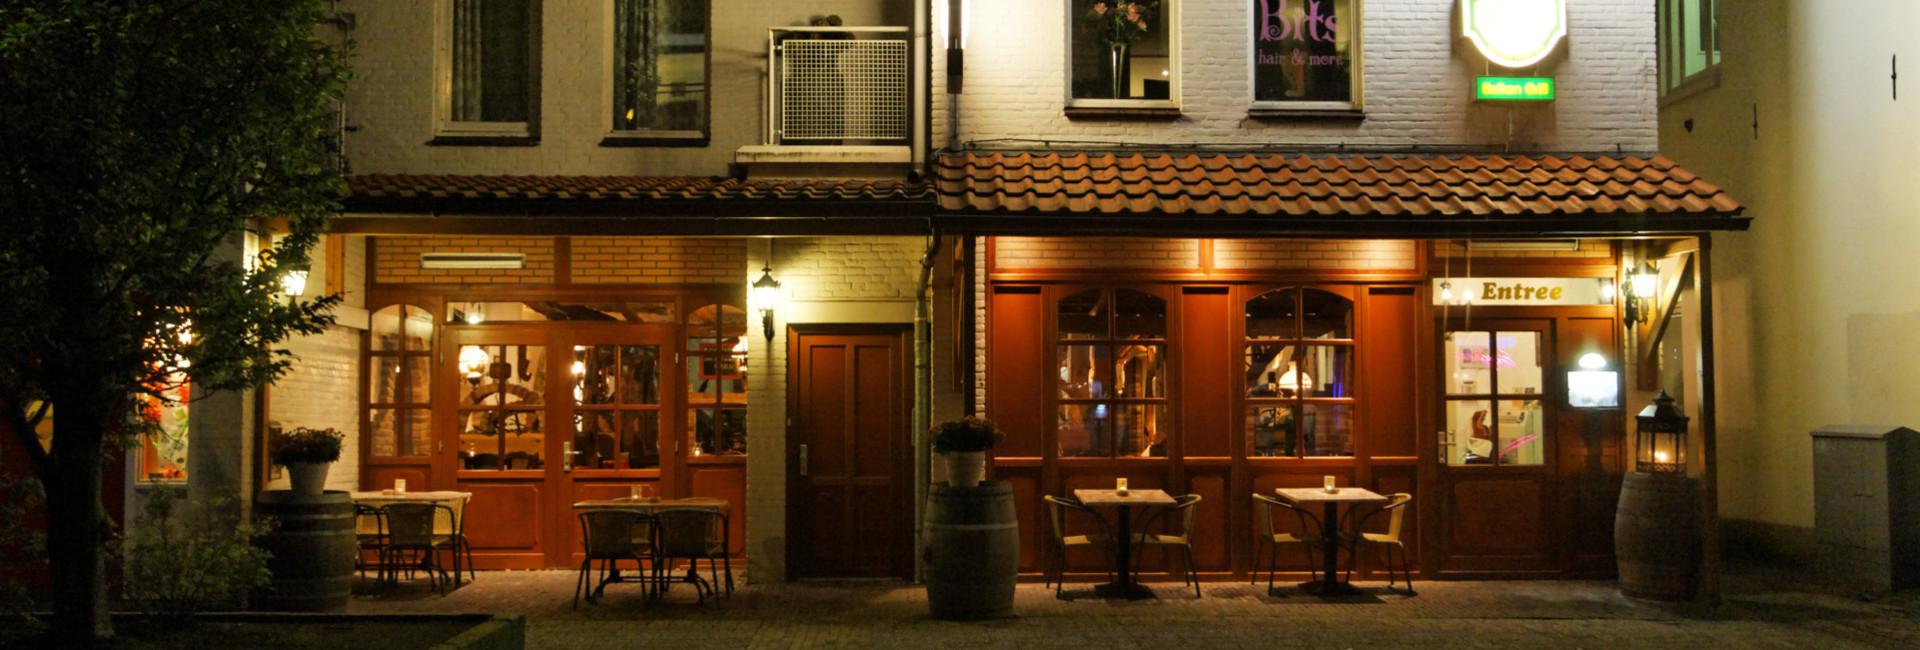 Balkan Grill Restaurant